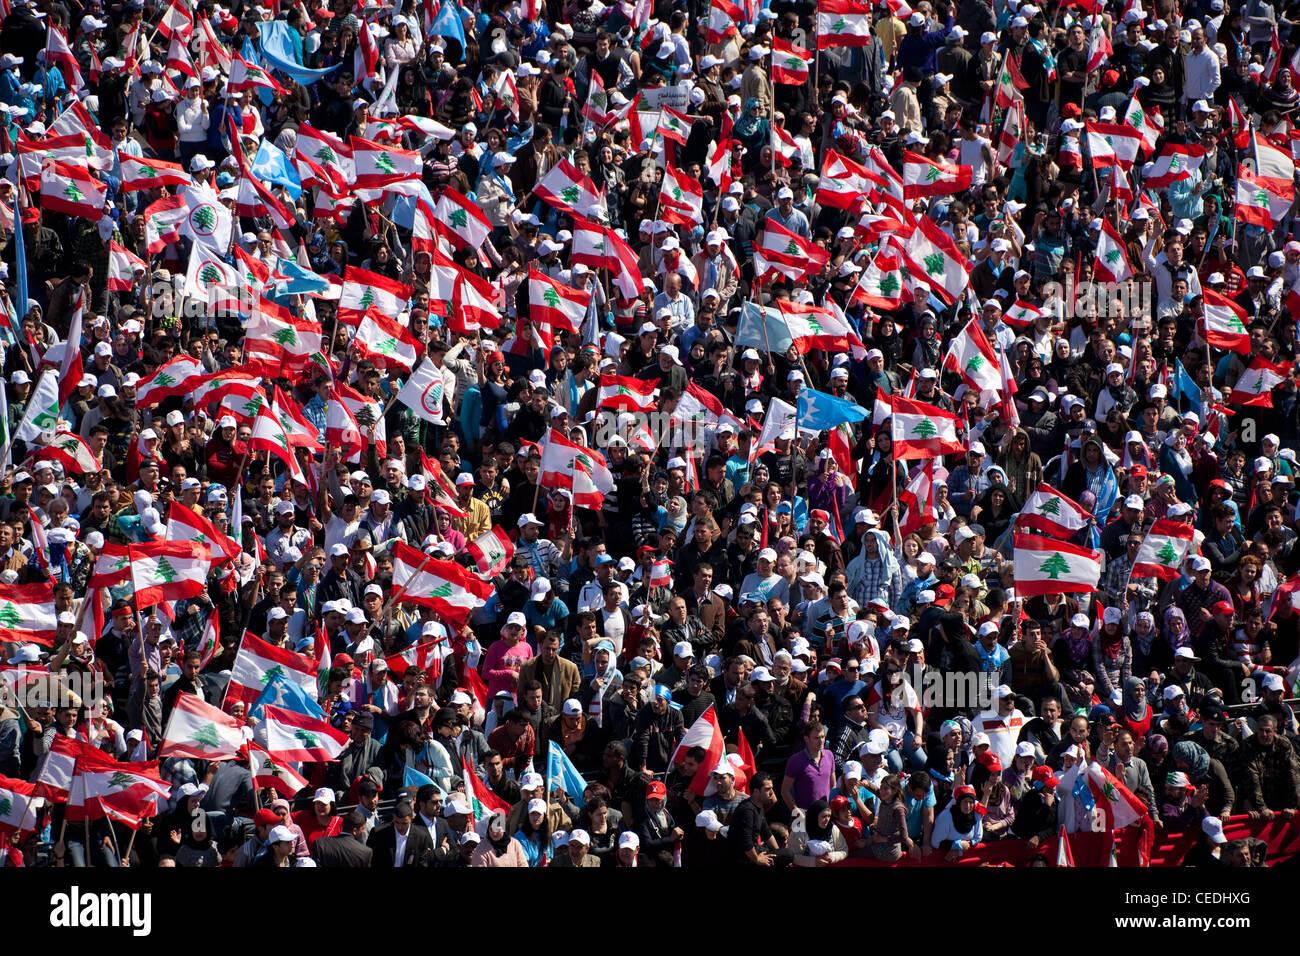 Disparo alto de banderas manifestantes llenado Mártires Plaza en un mitin político en Beirut, Líbano. Imagen De Stock